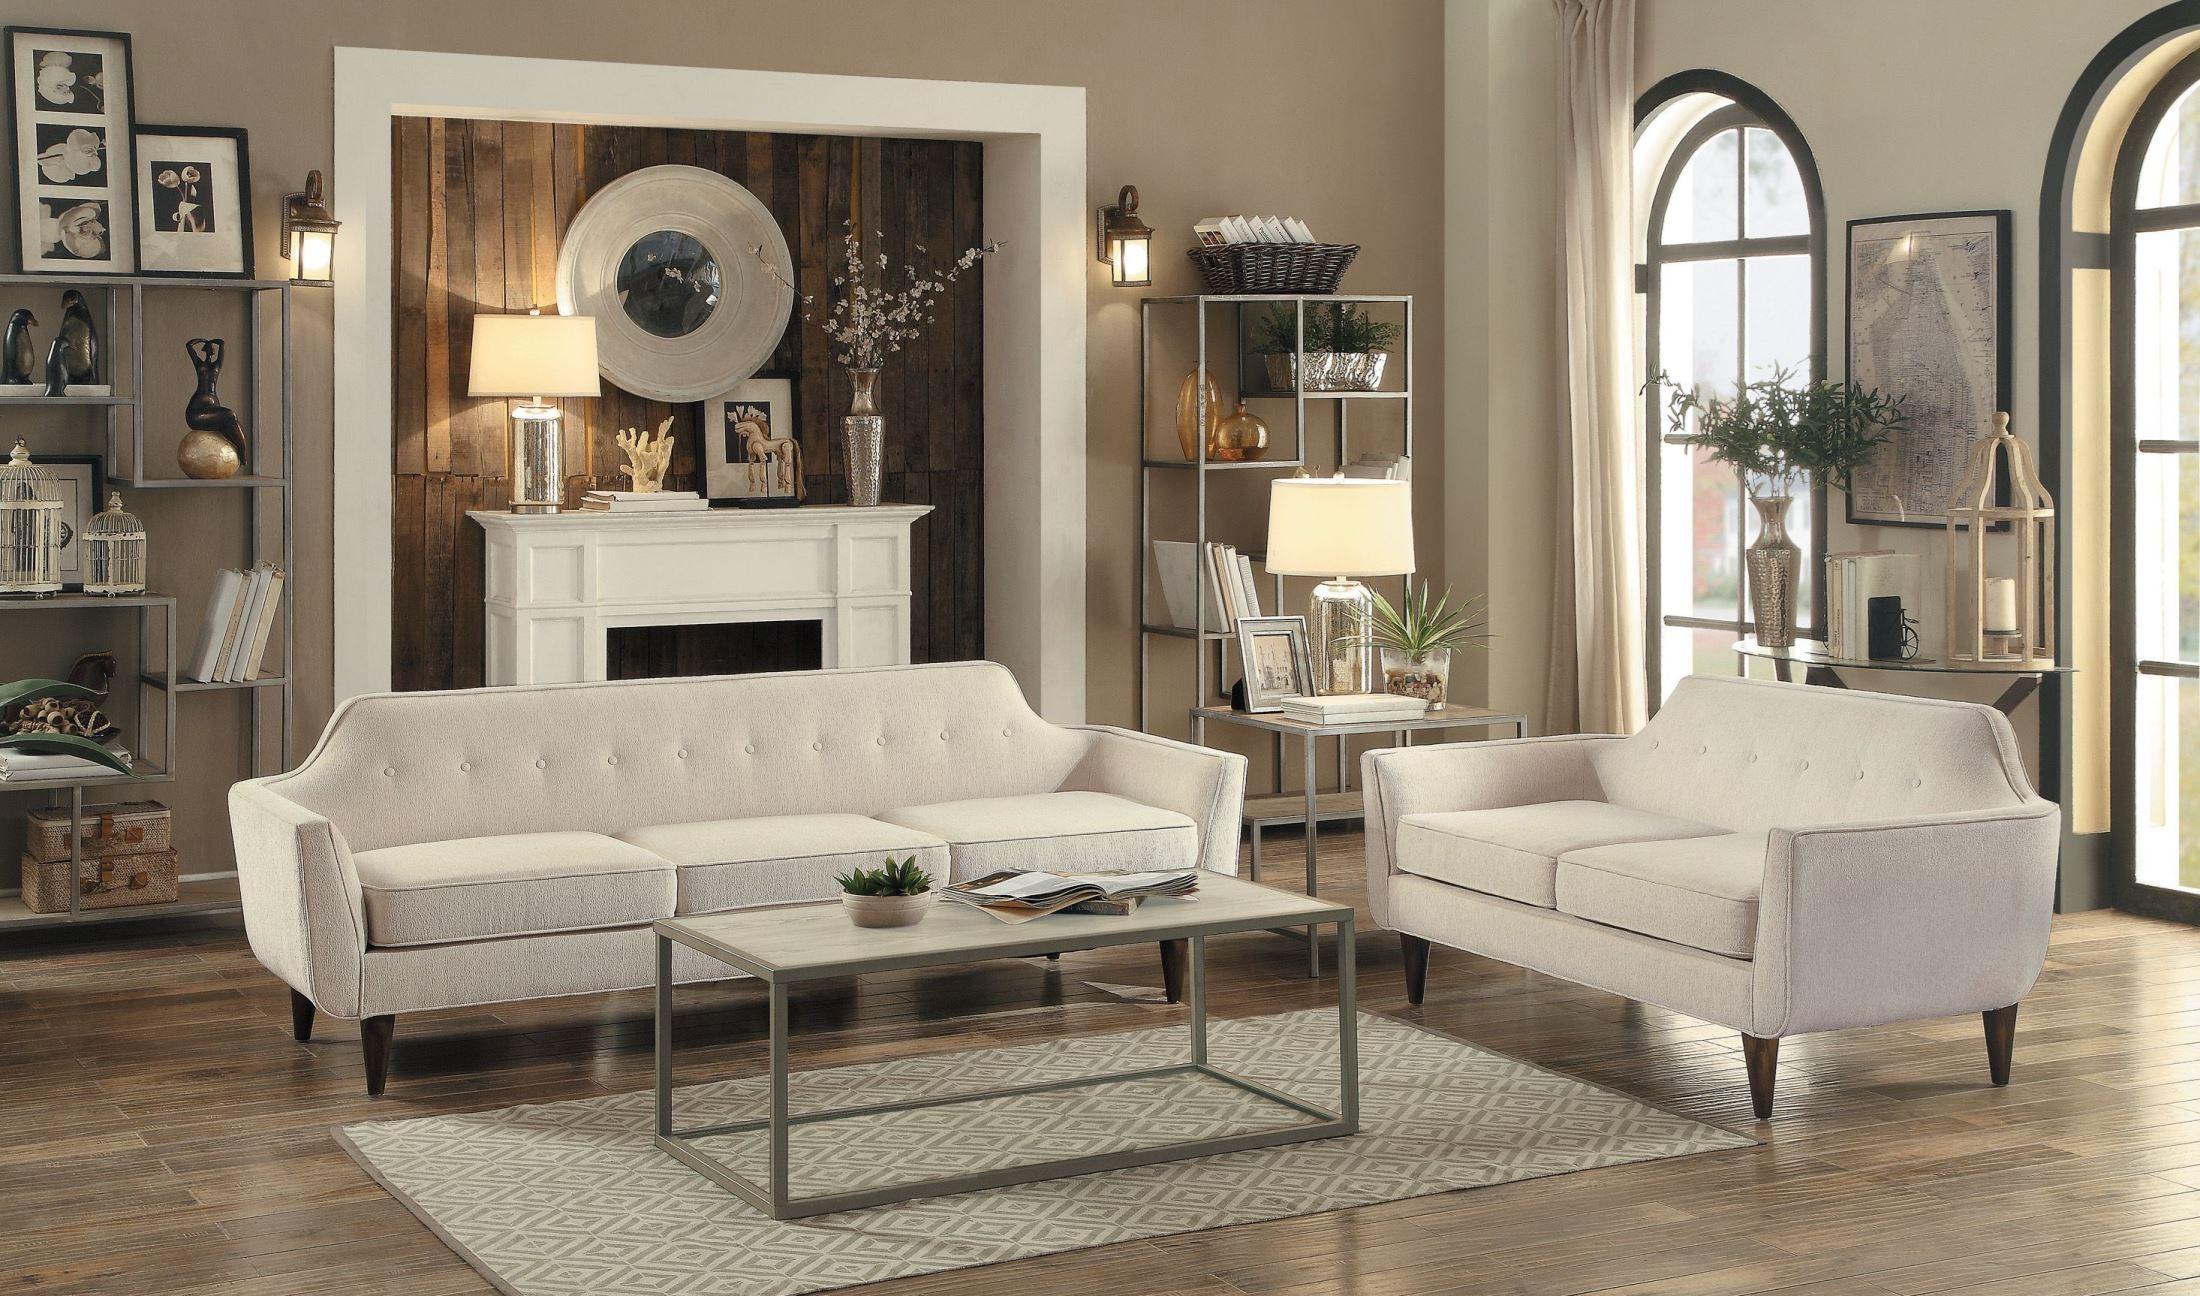 Ajani Beige Living Room Set From Homelegance Coleman